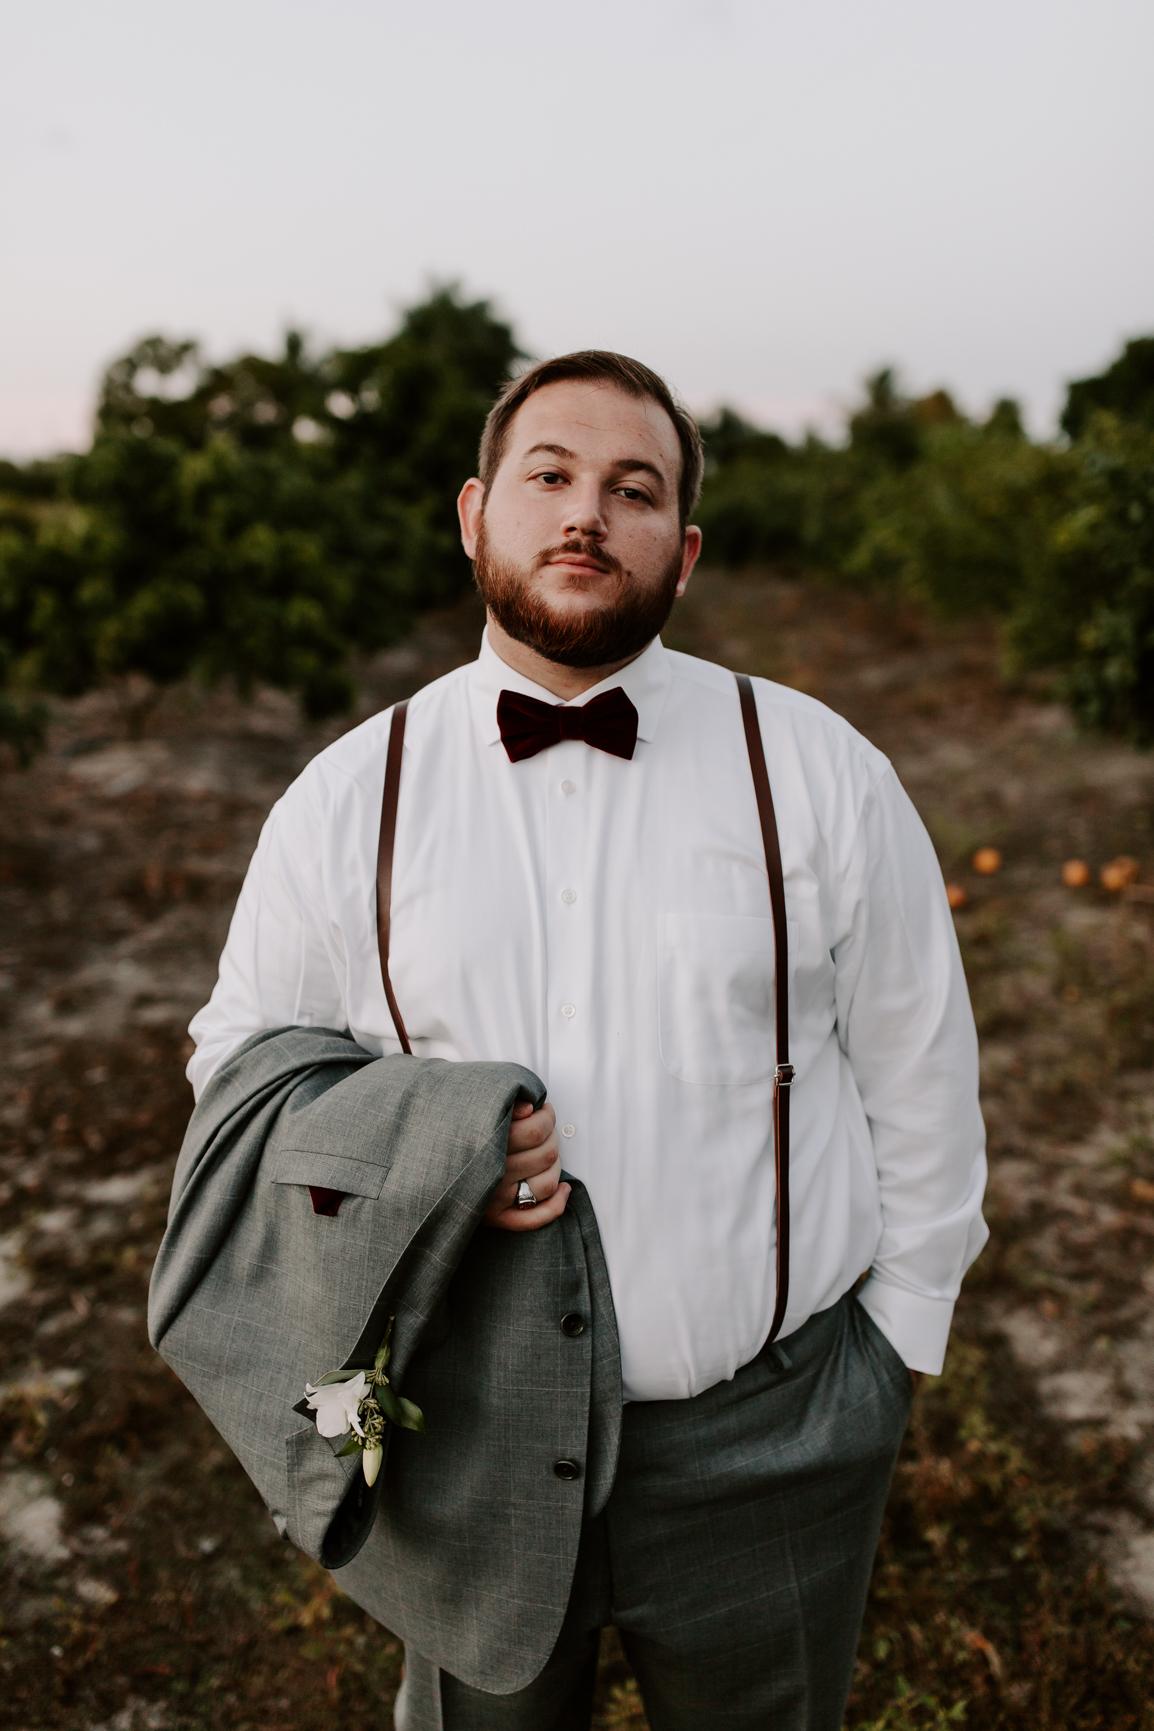 bride&groom-29.jpg